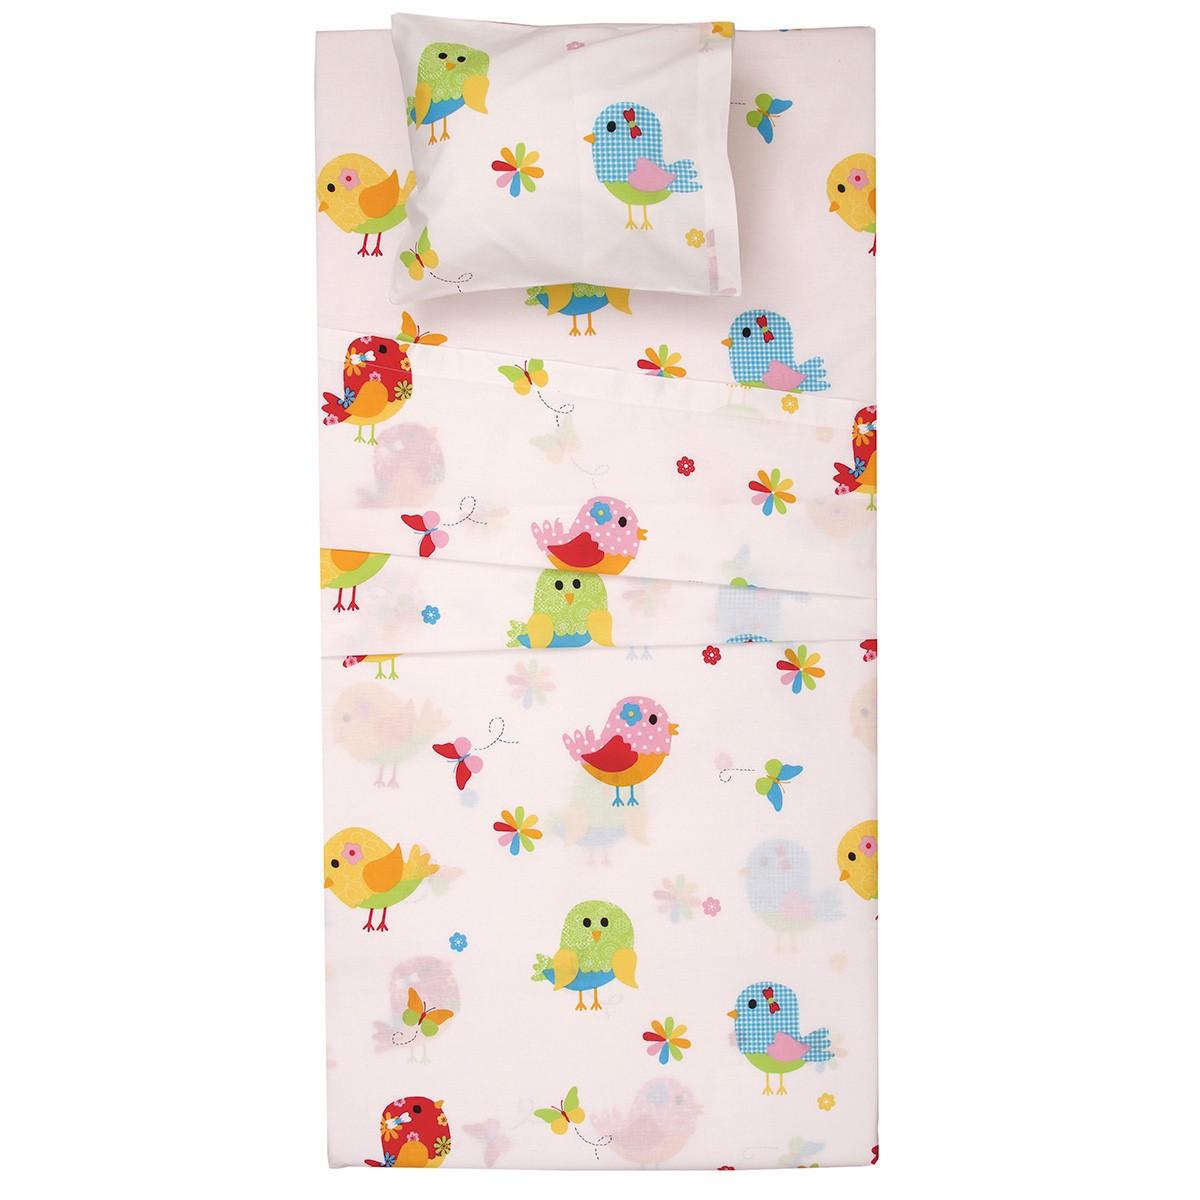 Πάπλωμα Κούνιας Viopros Baby Cotton Μπέρντι